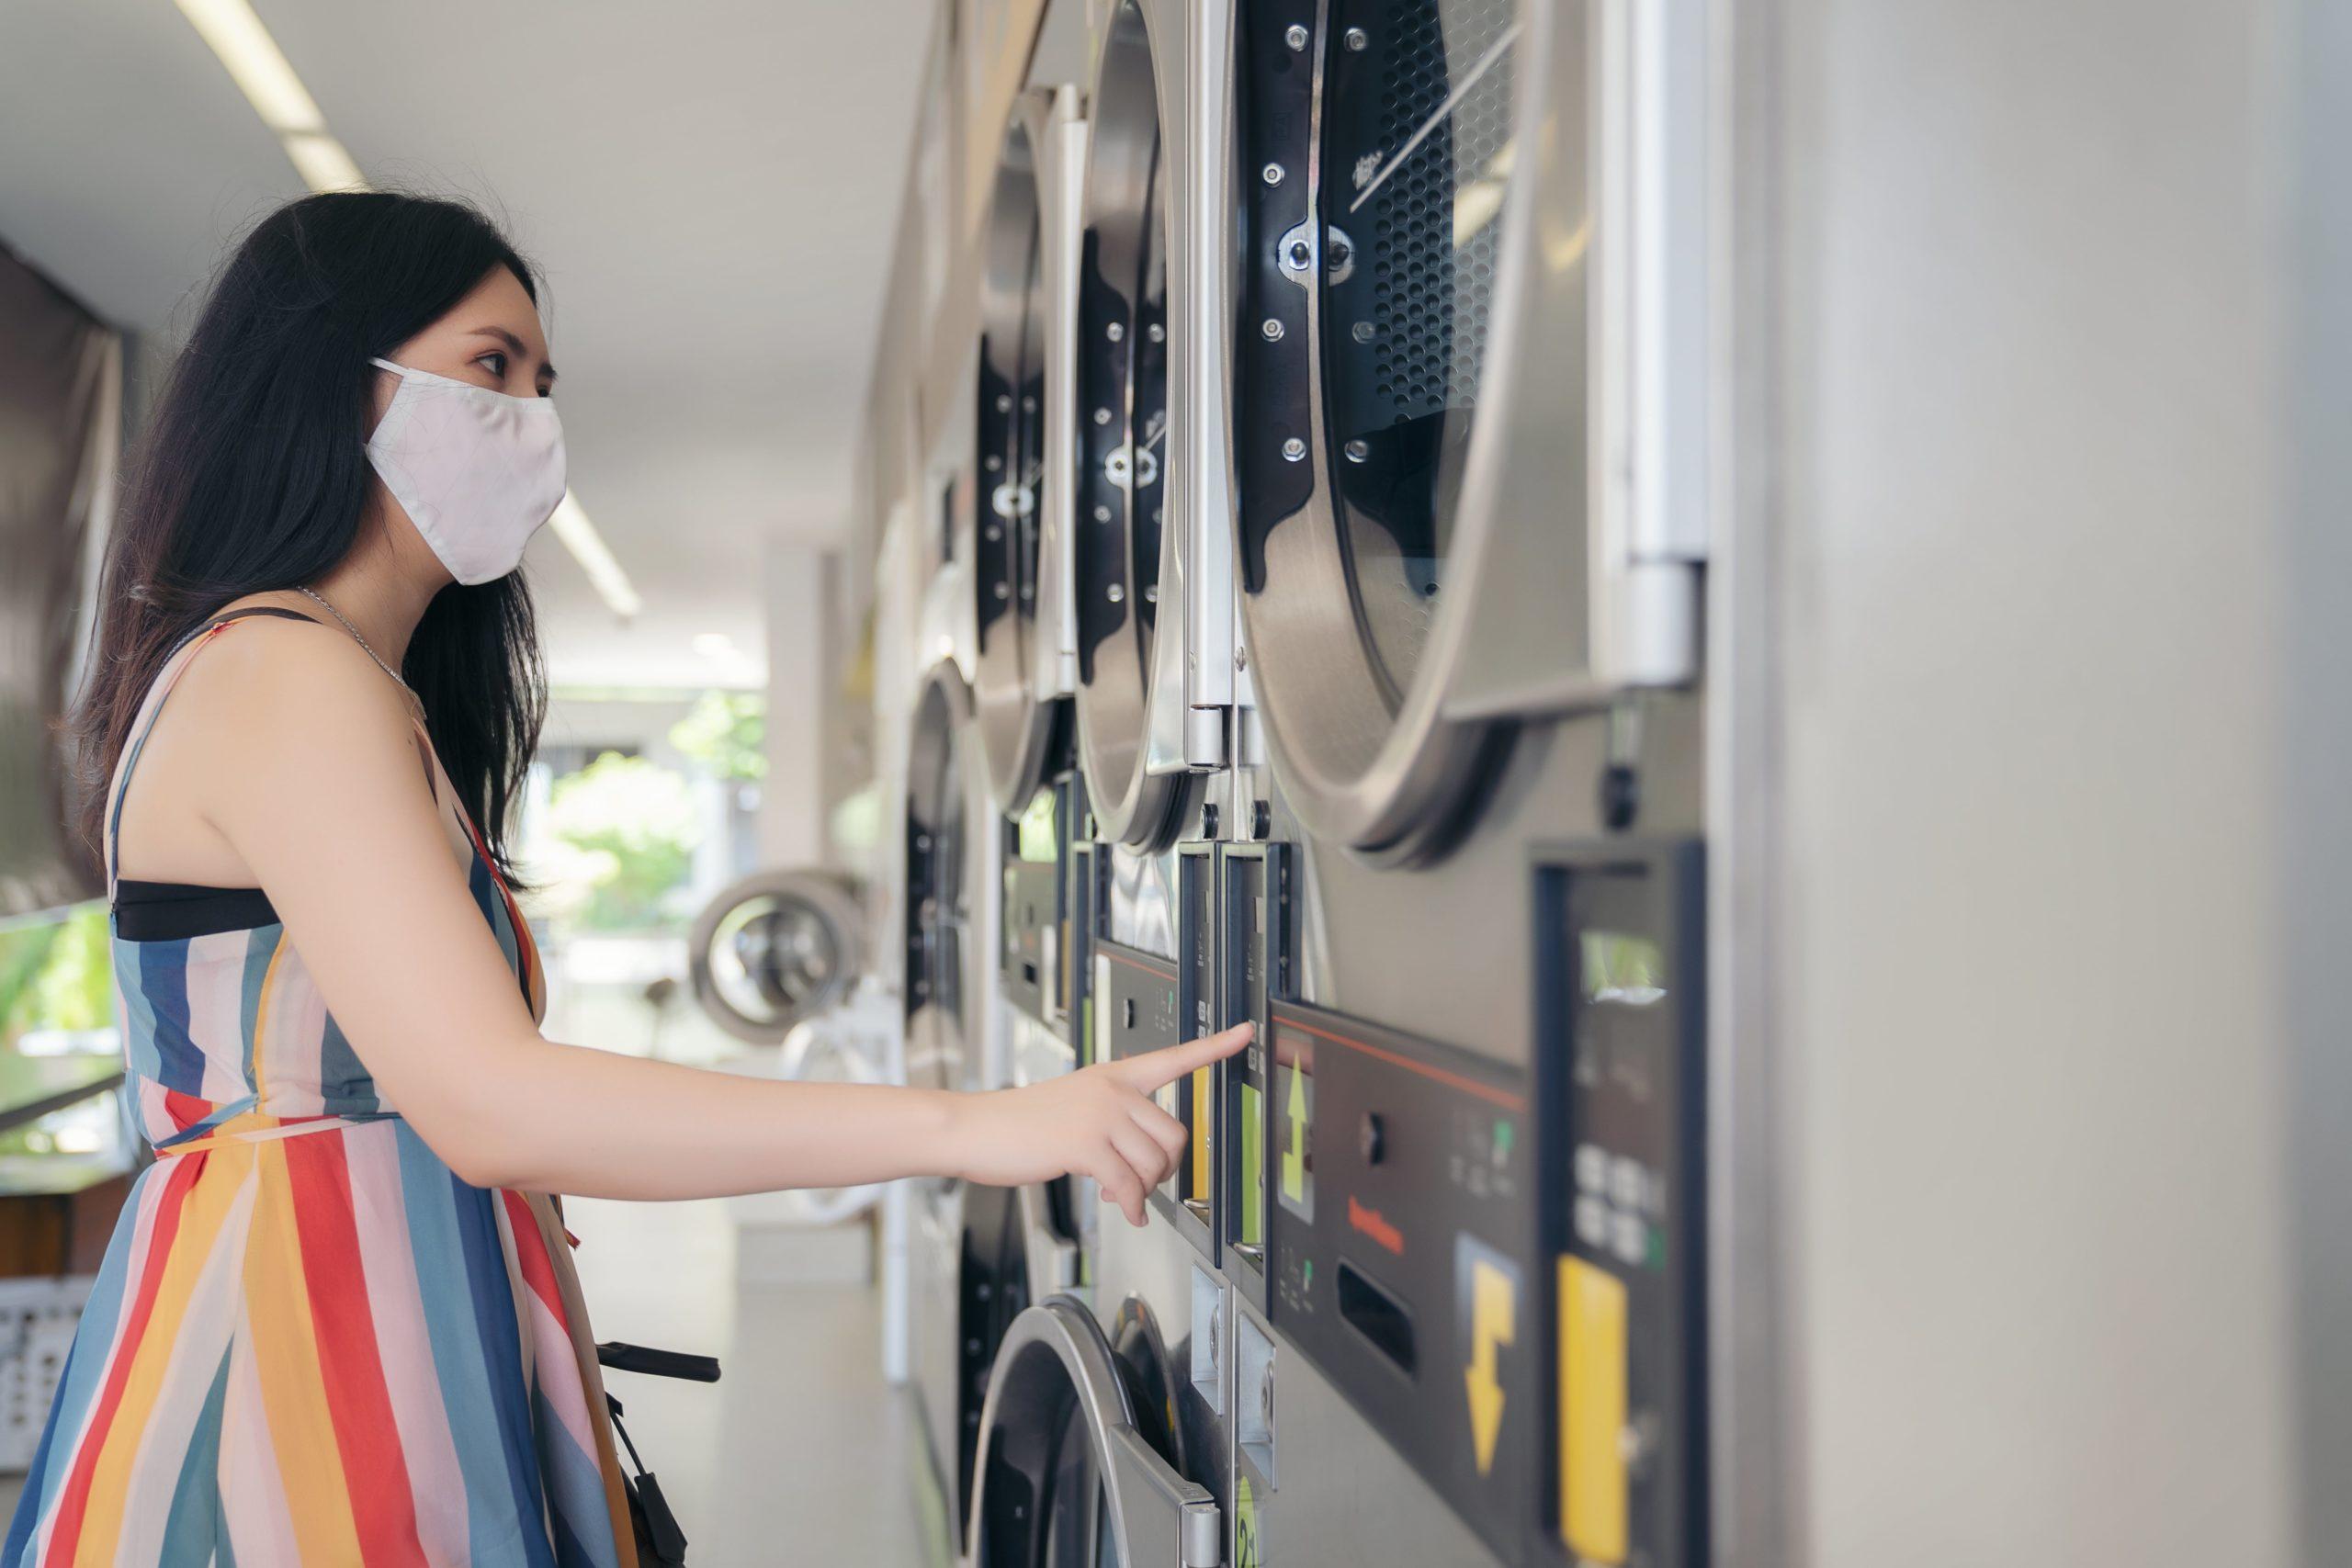 Couvre-feu: ouverture des laveries automatiques